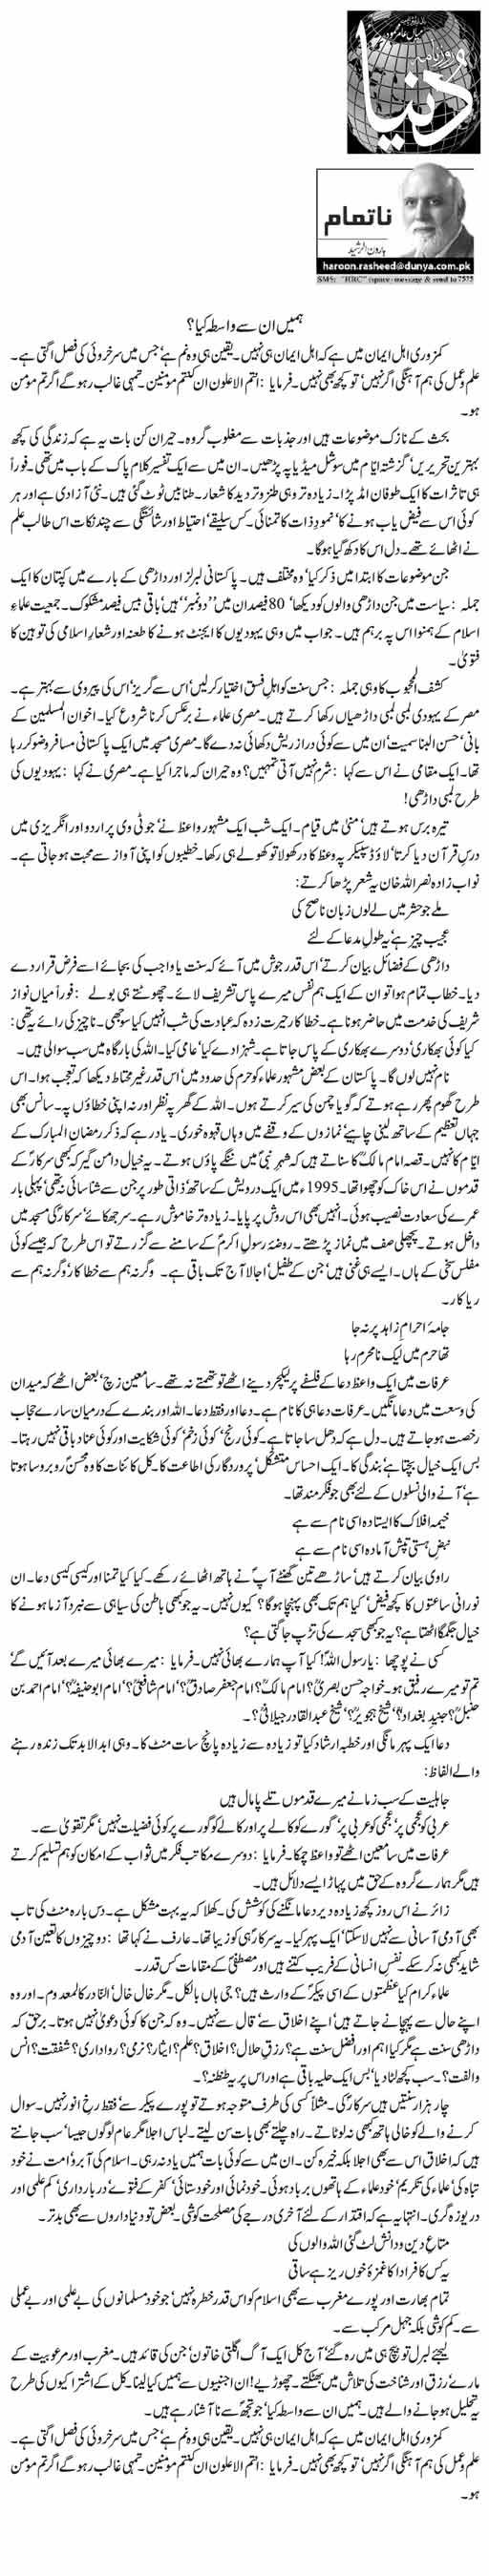 Haroon Rasheed Columns